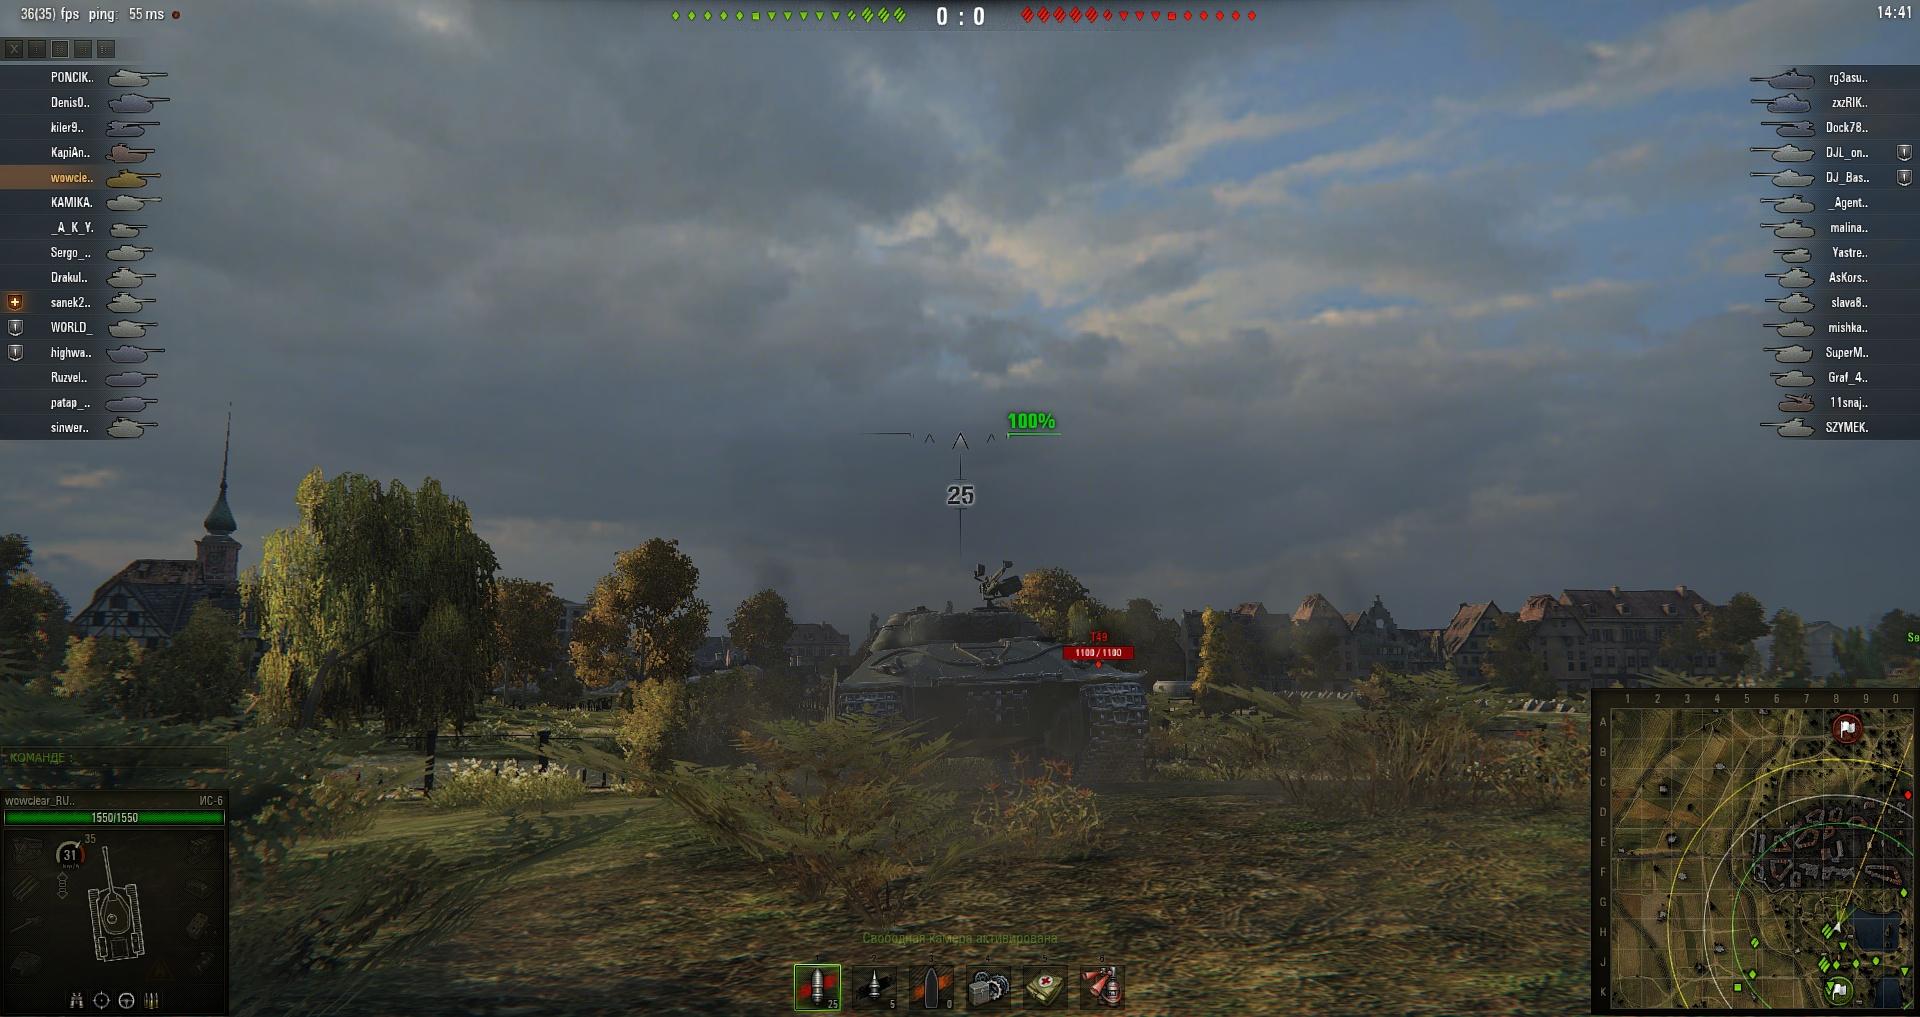 Скачать прицелы для world of tanks 0. 9. 17. 1 целься с.